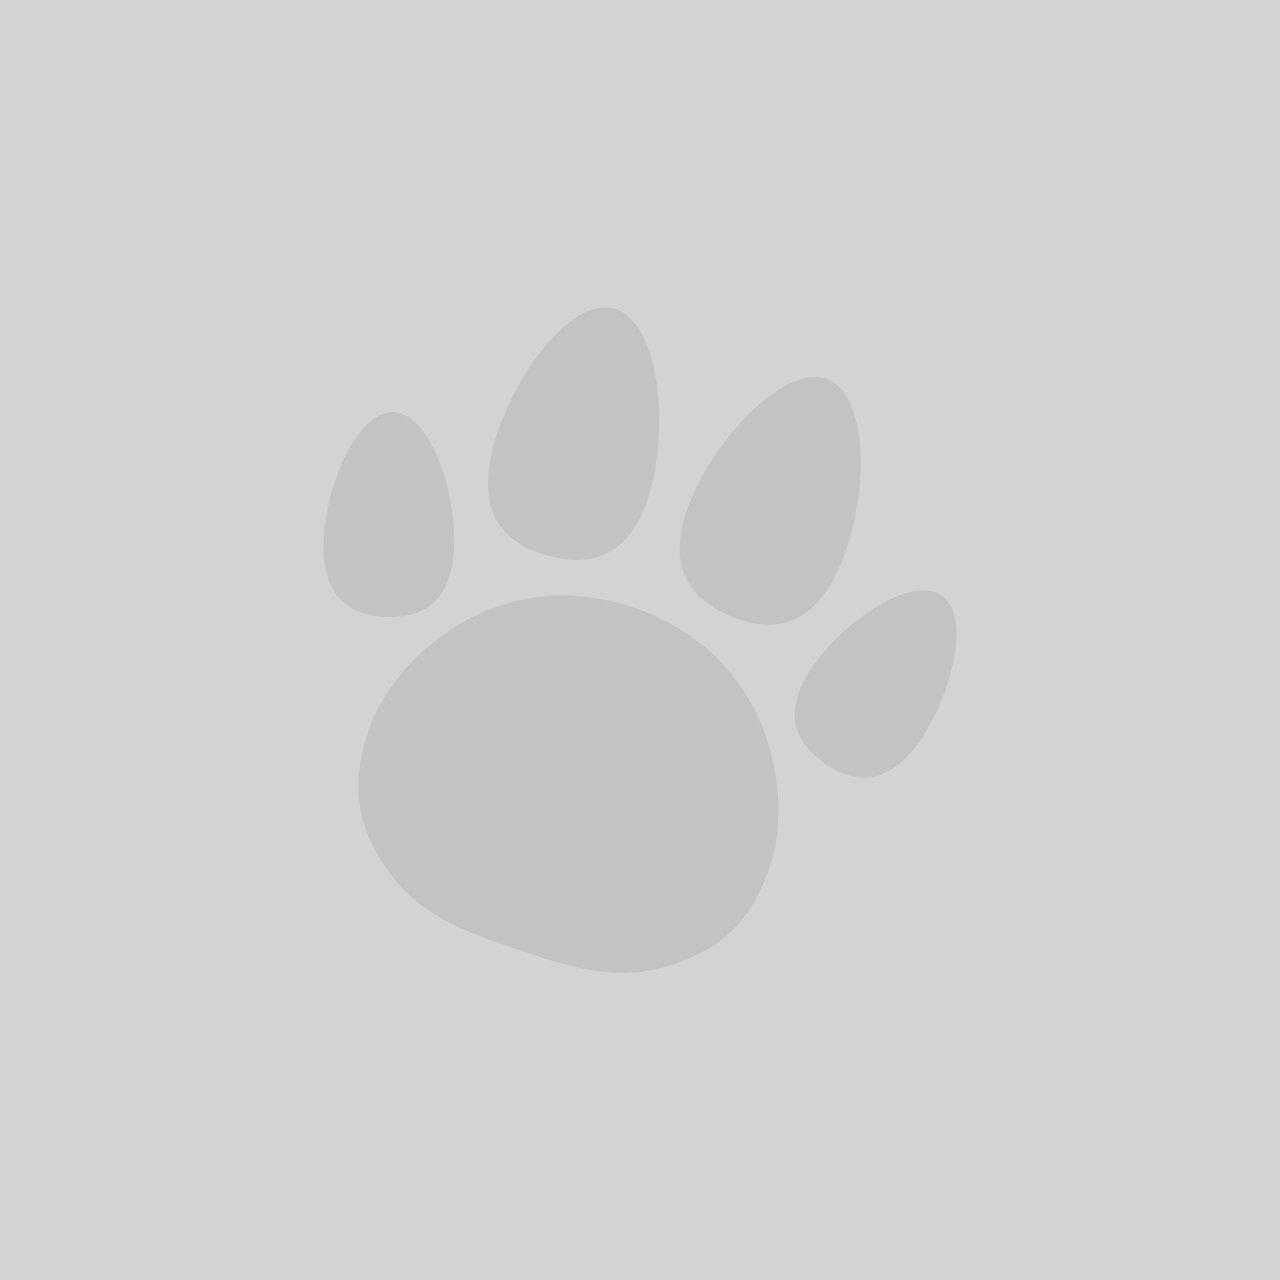 Nylabone Original Dura Chew Bone Wolf